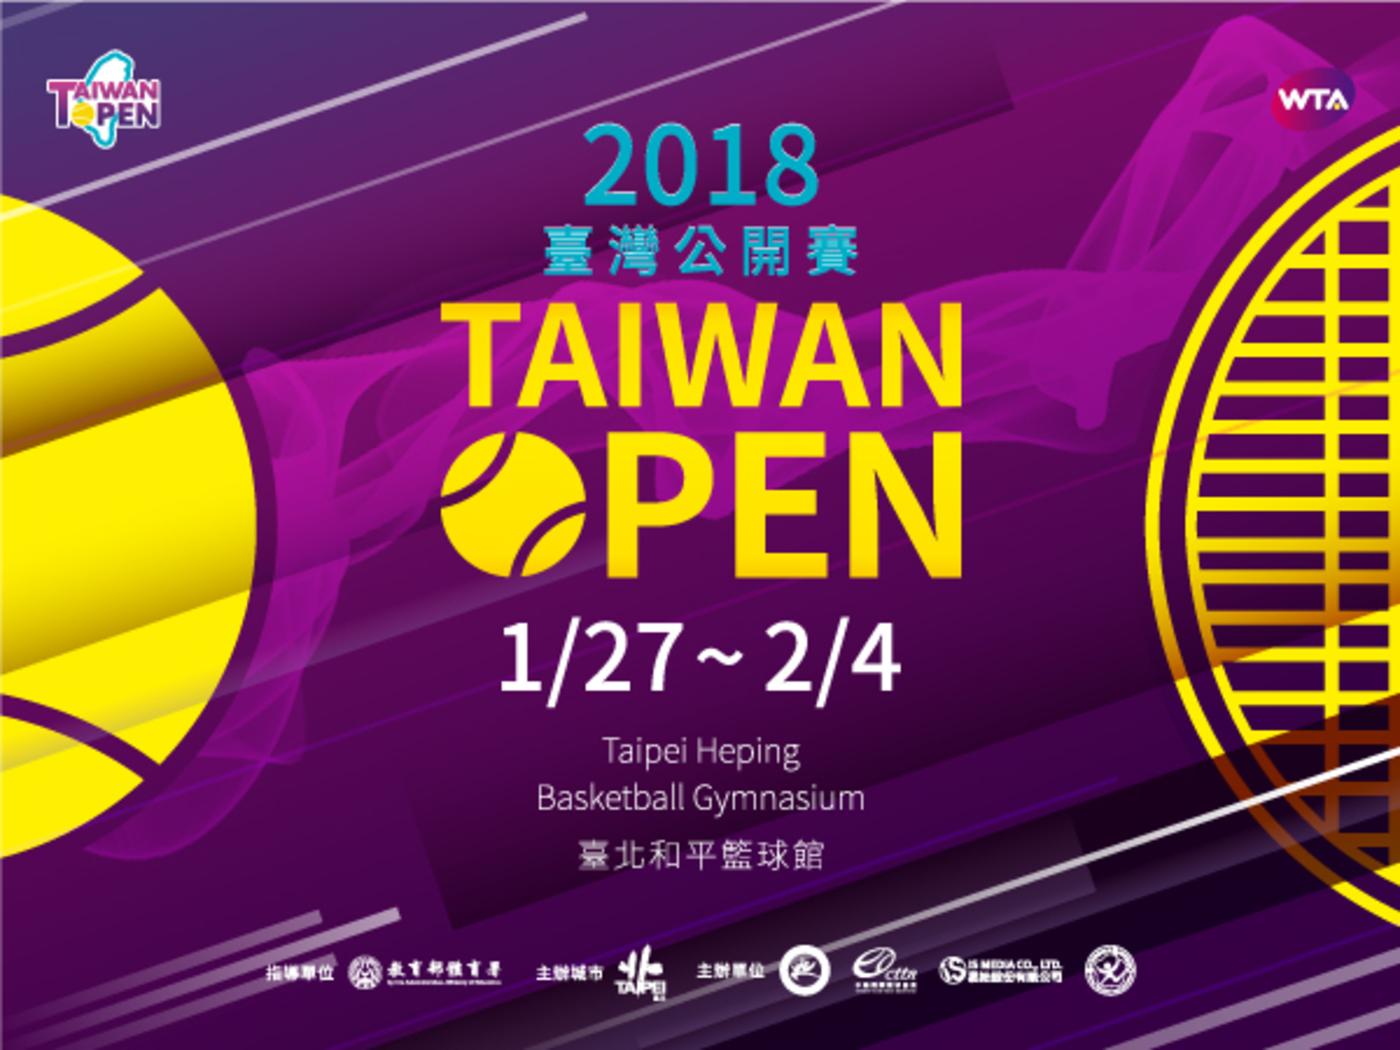 2018 臺灣公開賽 - 讓世界看見台灣 ( TAIWAN OPEN 2018 )